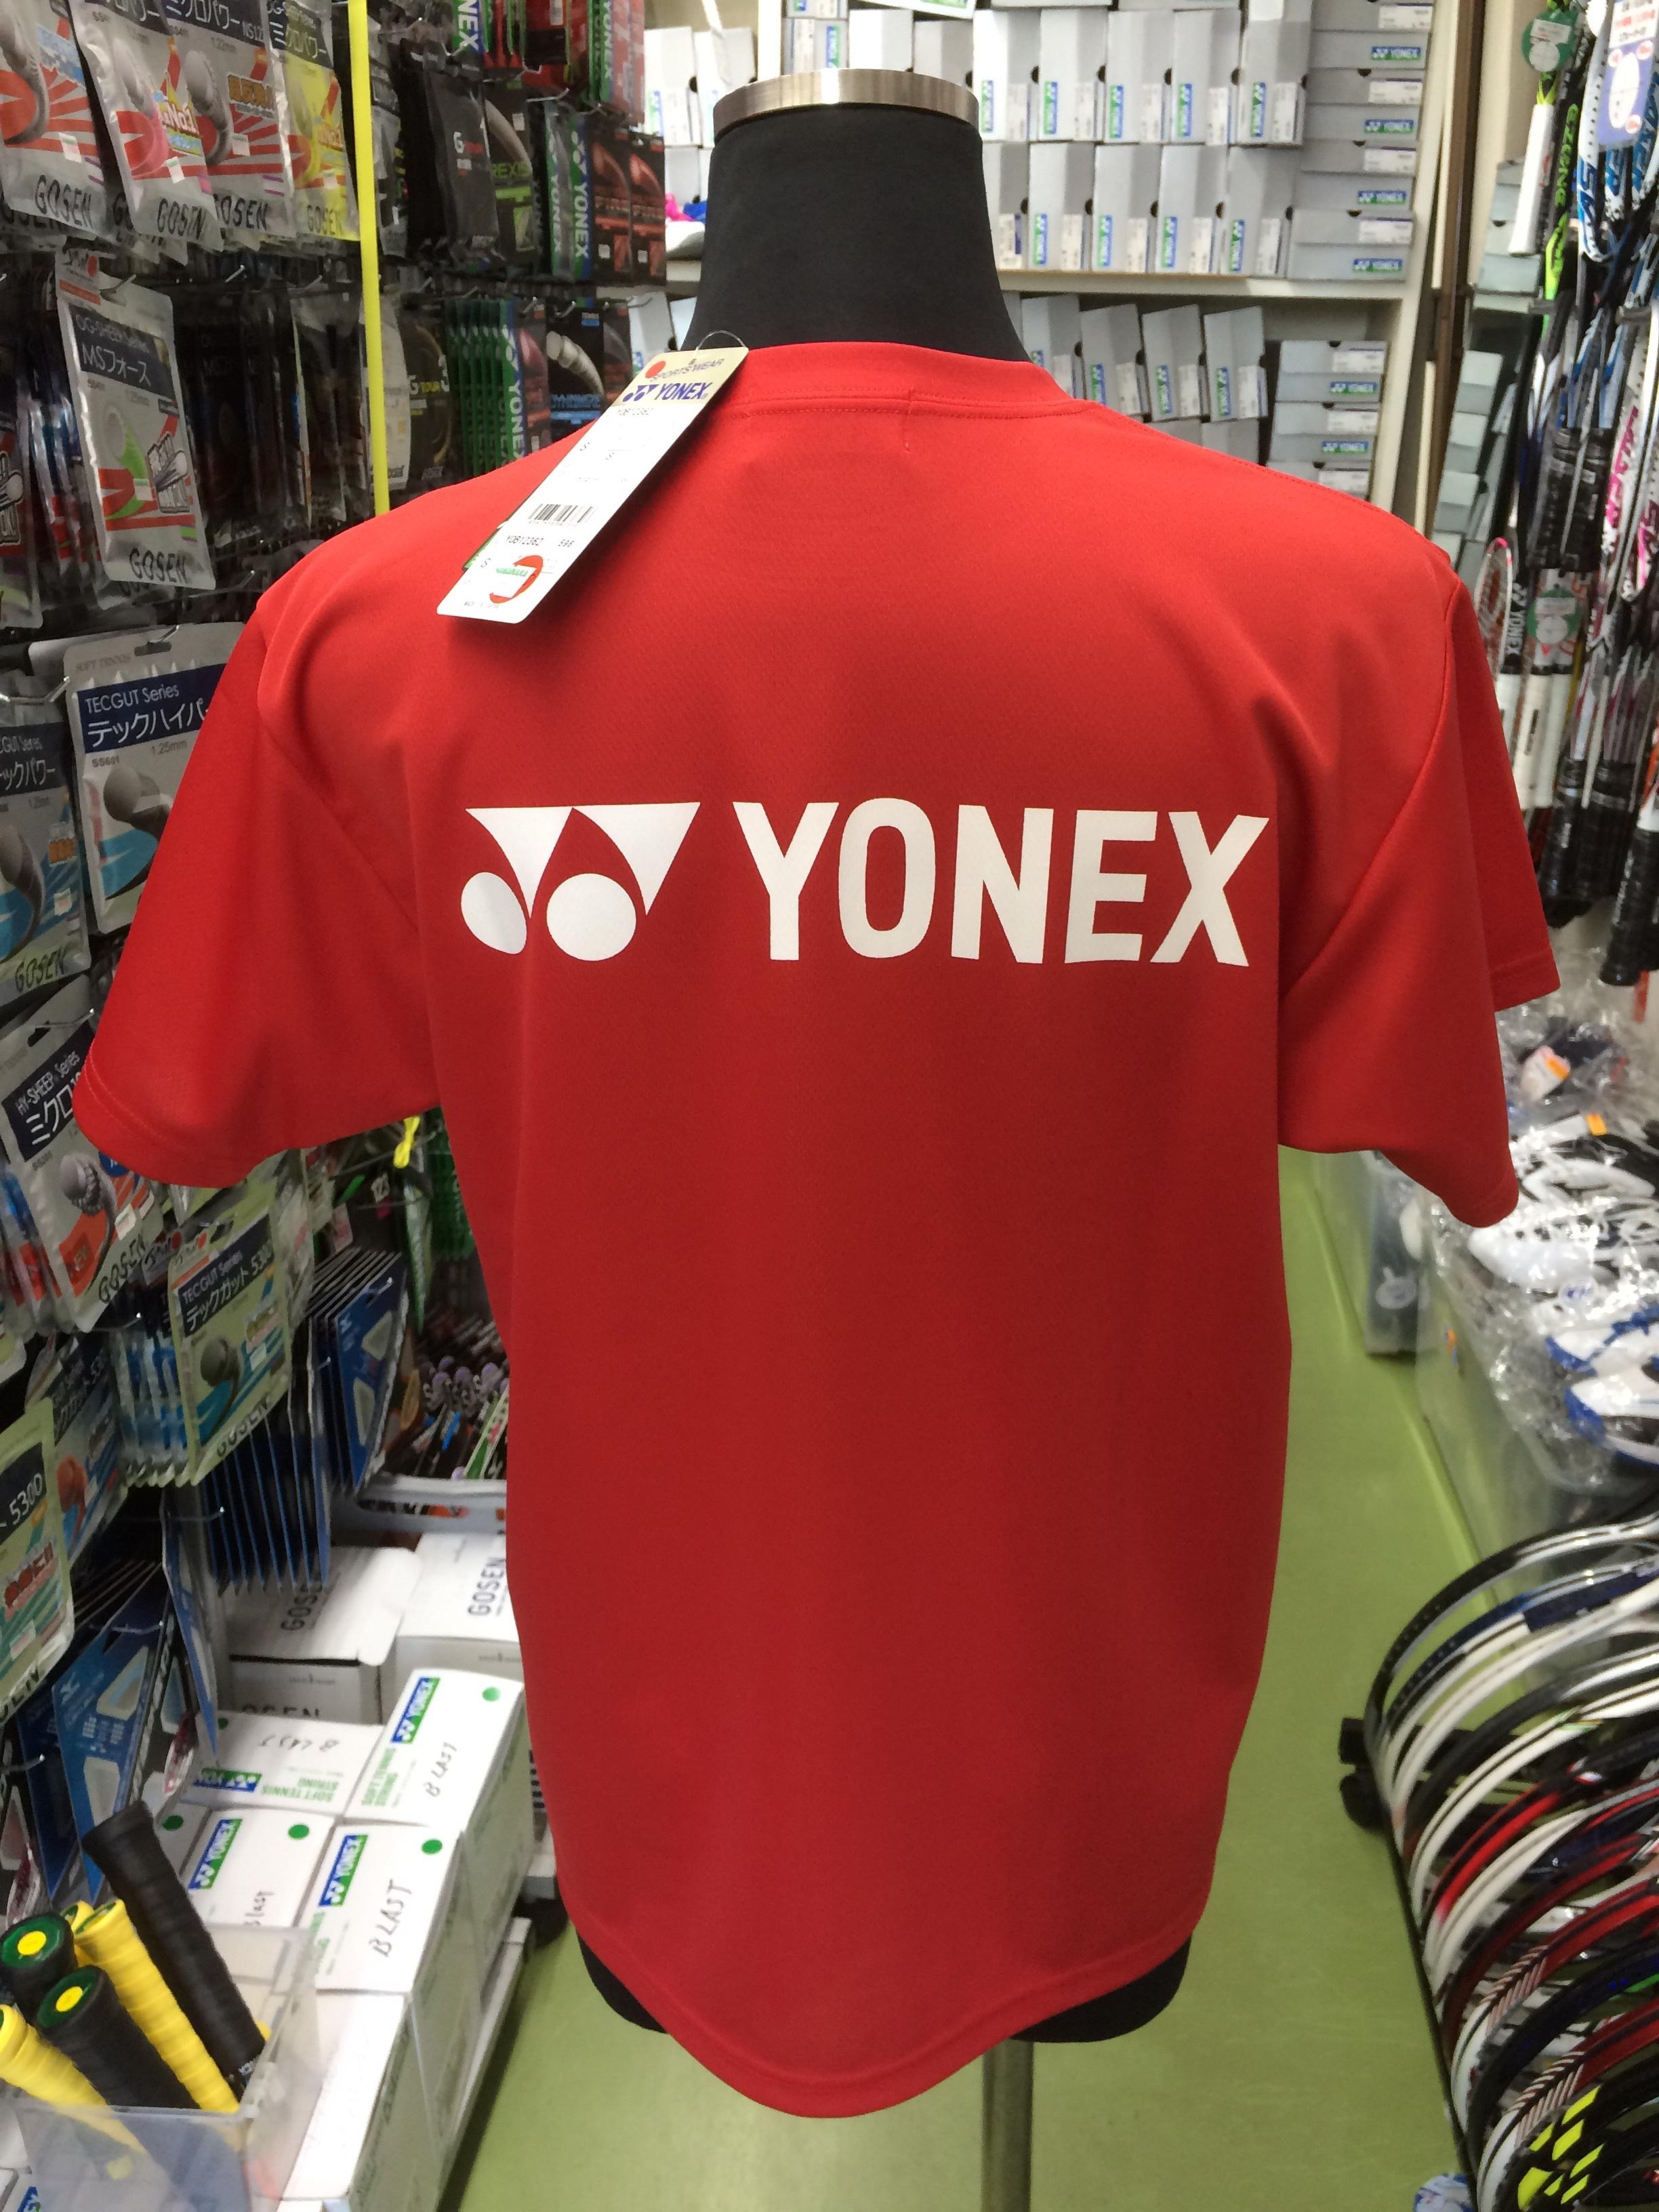 ヨネックス ユニドライTシャツ YOB12362 - 画像2